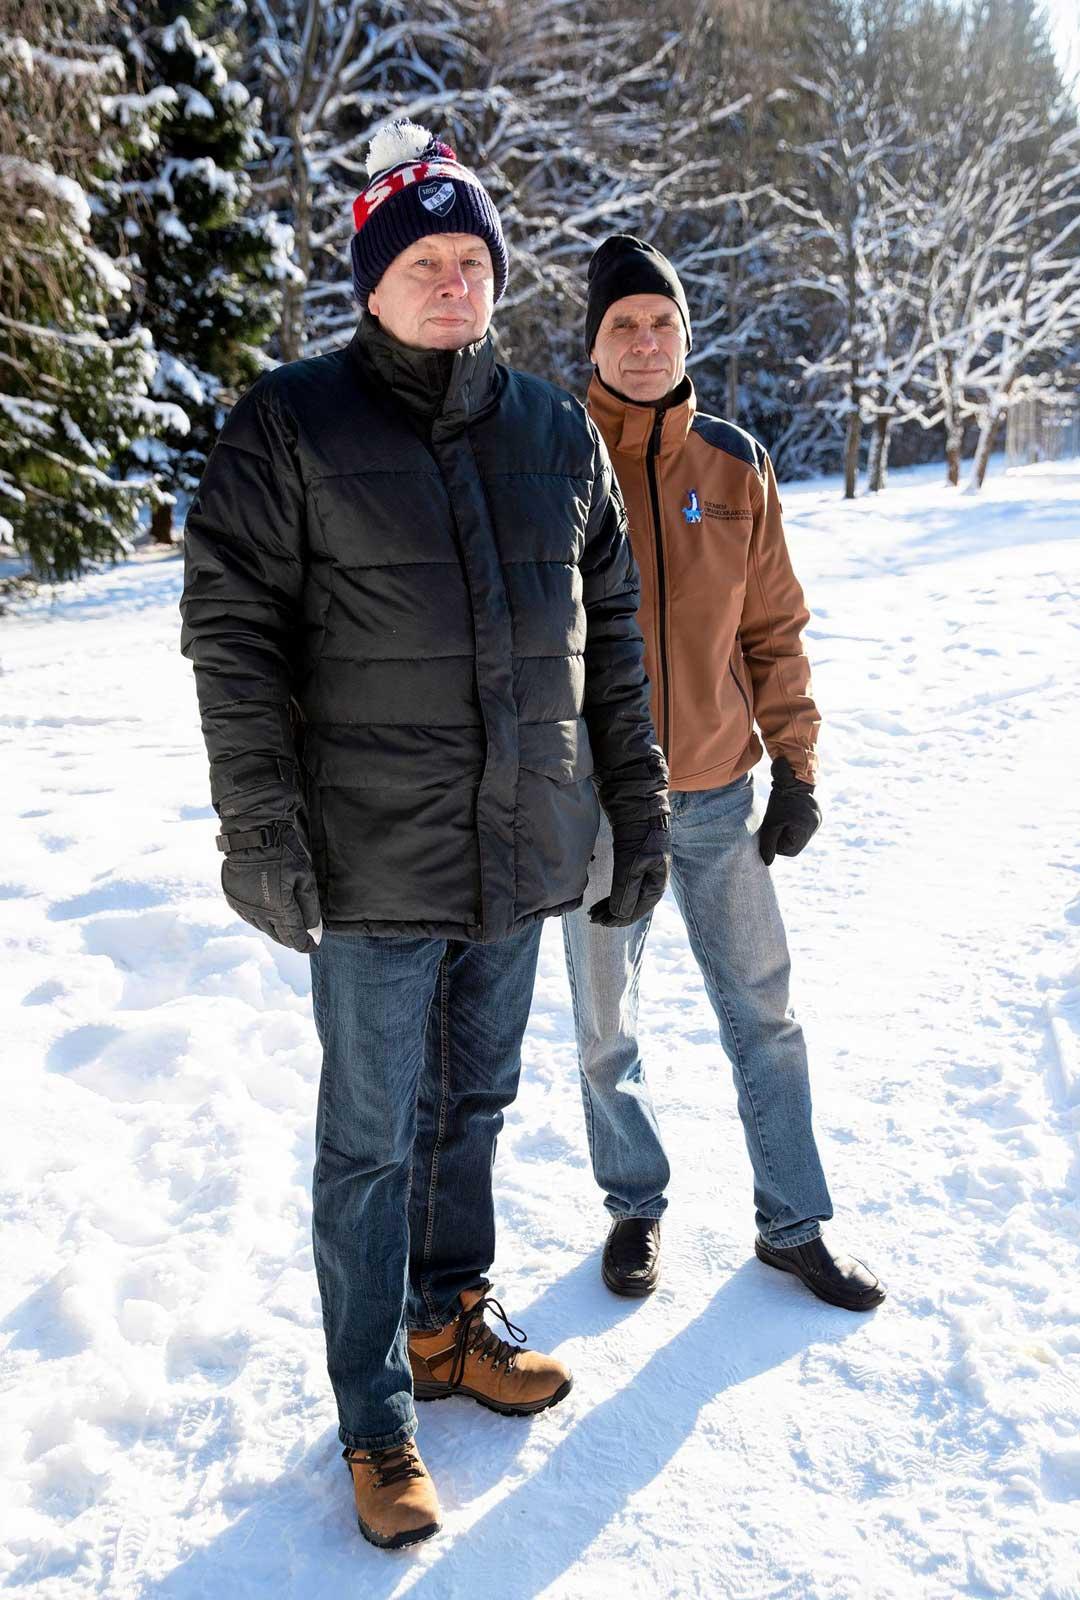 Tom Jaatisen ja Sakari Pekkasen mukaan monet kriitikoiden kertomat, rajuilta näyttäneet koirankoulutustilanteet perustuvat väärintulkintoihin ja -käsityksiin.